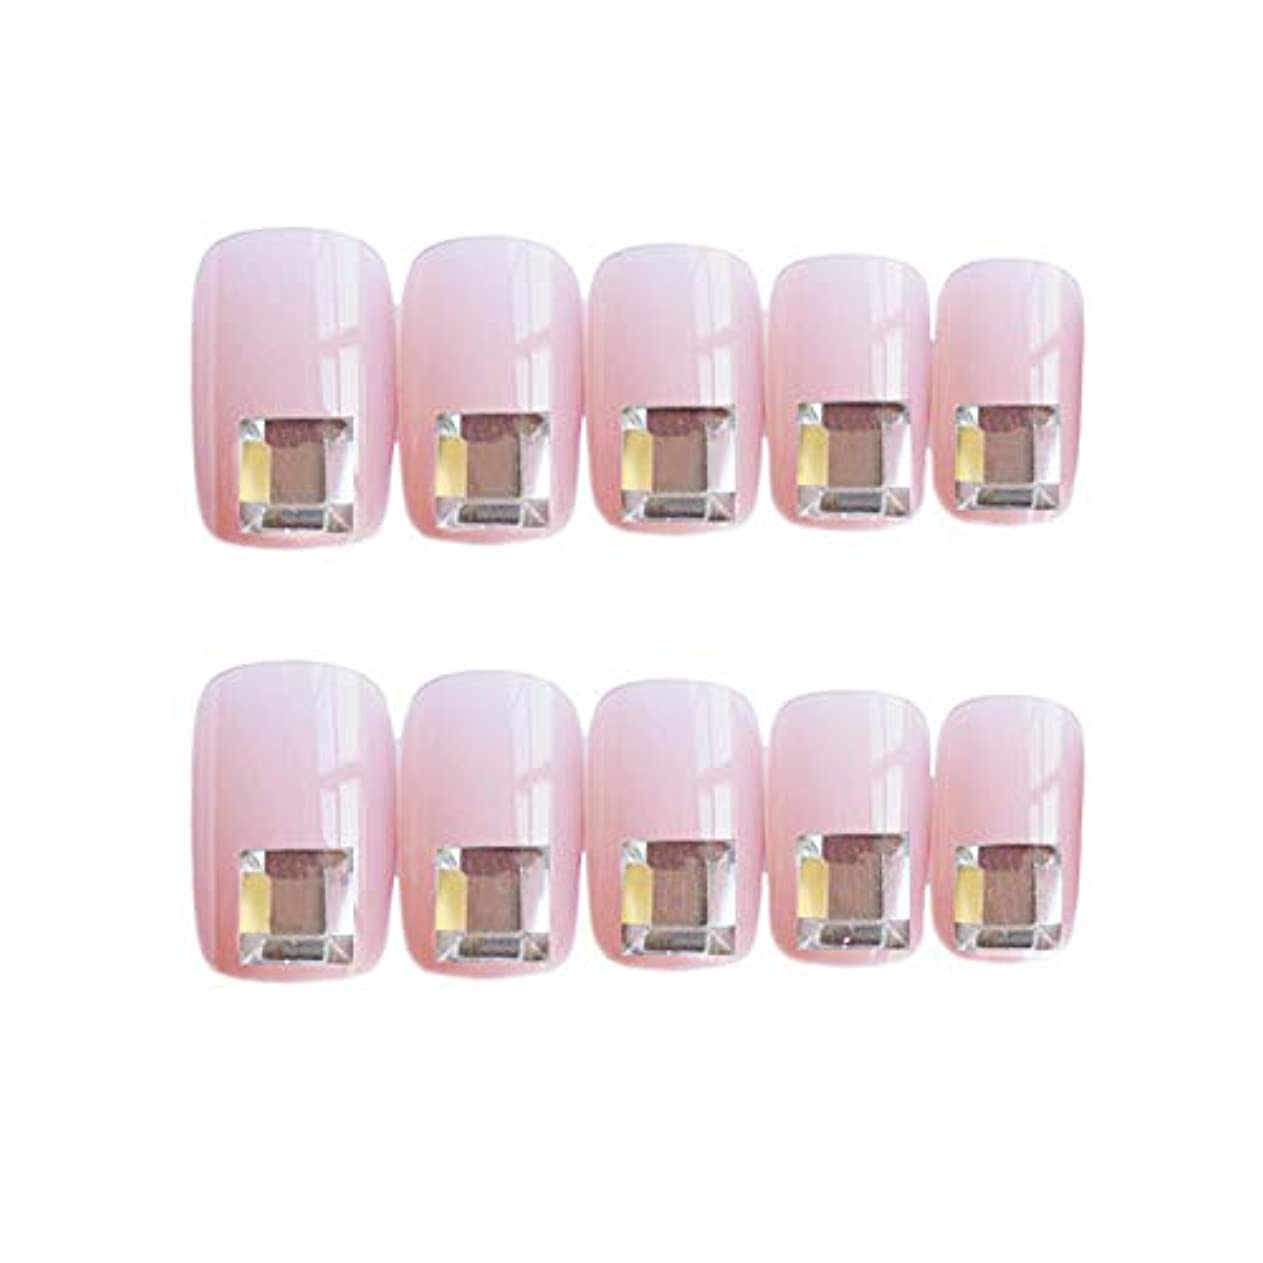 謝る鮫閉じ込める流行のスタイル 広場 きらめくダイヤモンド 桜の色 手作りネイルチップ 3Dネイルチップ 24枚入